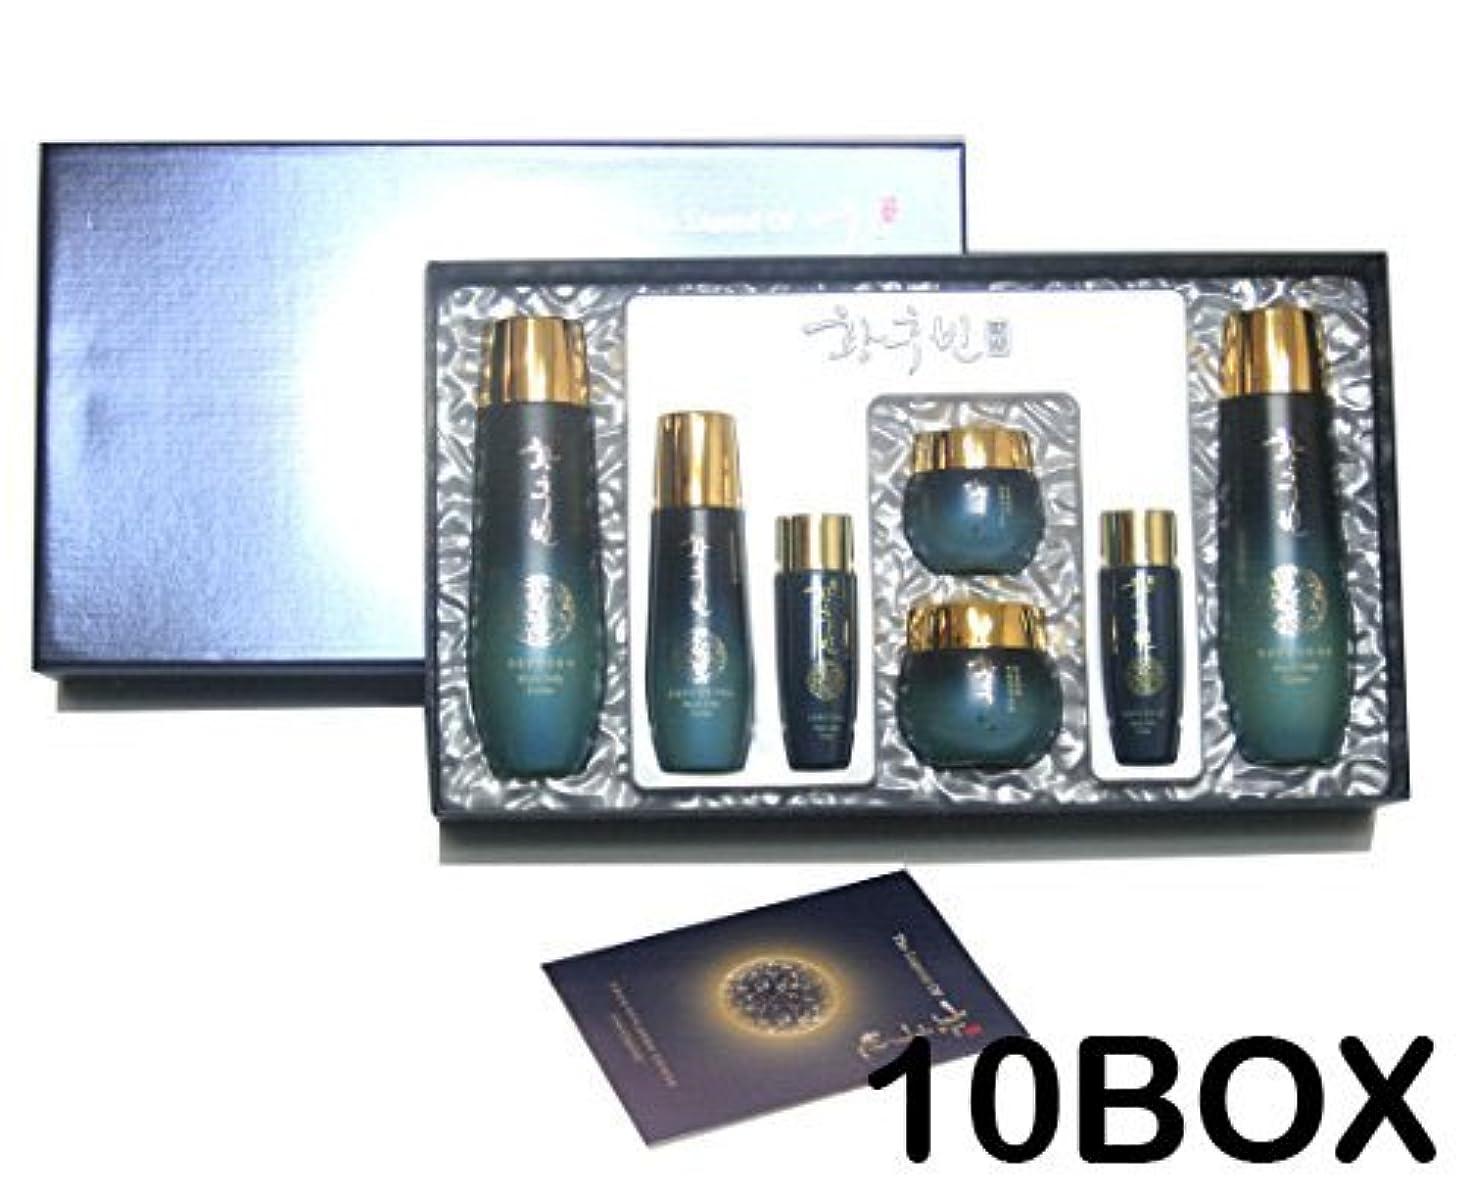 文芸豊かにする囲い[HWANGHOOBIN] ローヤルゼリー&キャビアスキンケア 5pcs(7item) set X 10BOX/Royal Jelly & Caviar Skincare 5pcs(7item) set 10BOX/保湿/東洋ハーブ/韓国化粧品/Moisturizing/Orient Herbal/Korean Cosmetics [並行輸入品]